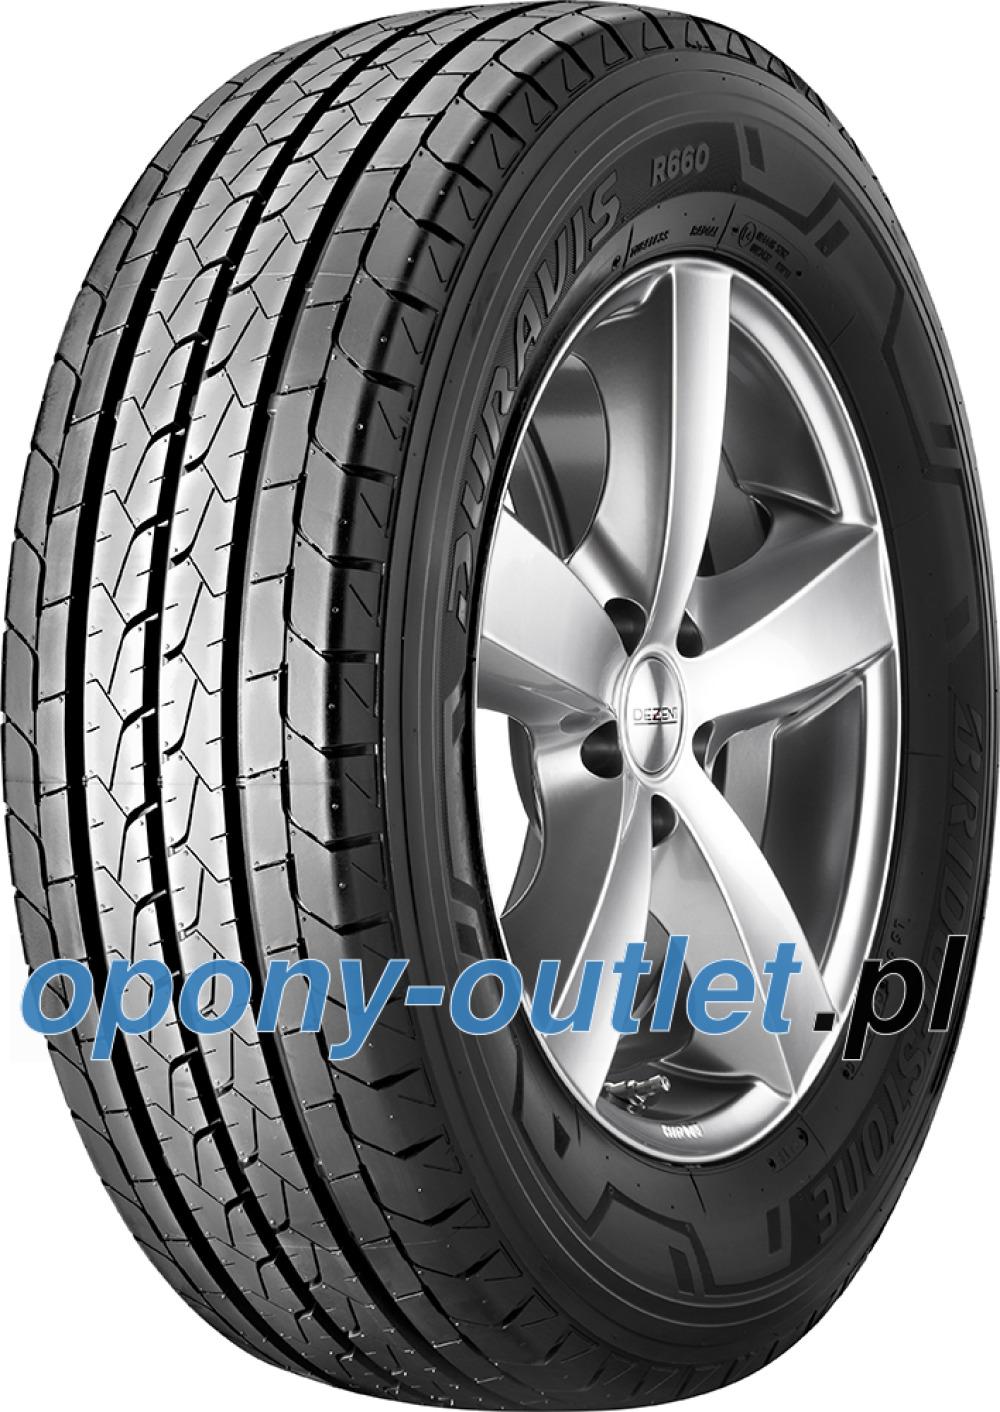 Bridgestone Duravis R660 ( 215/75 R16C 116/114R )